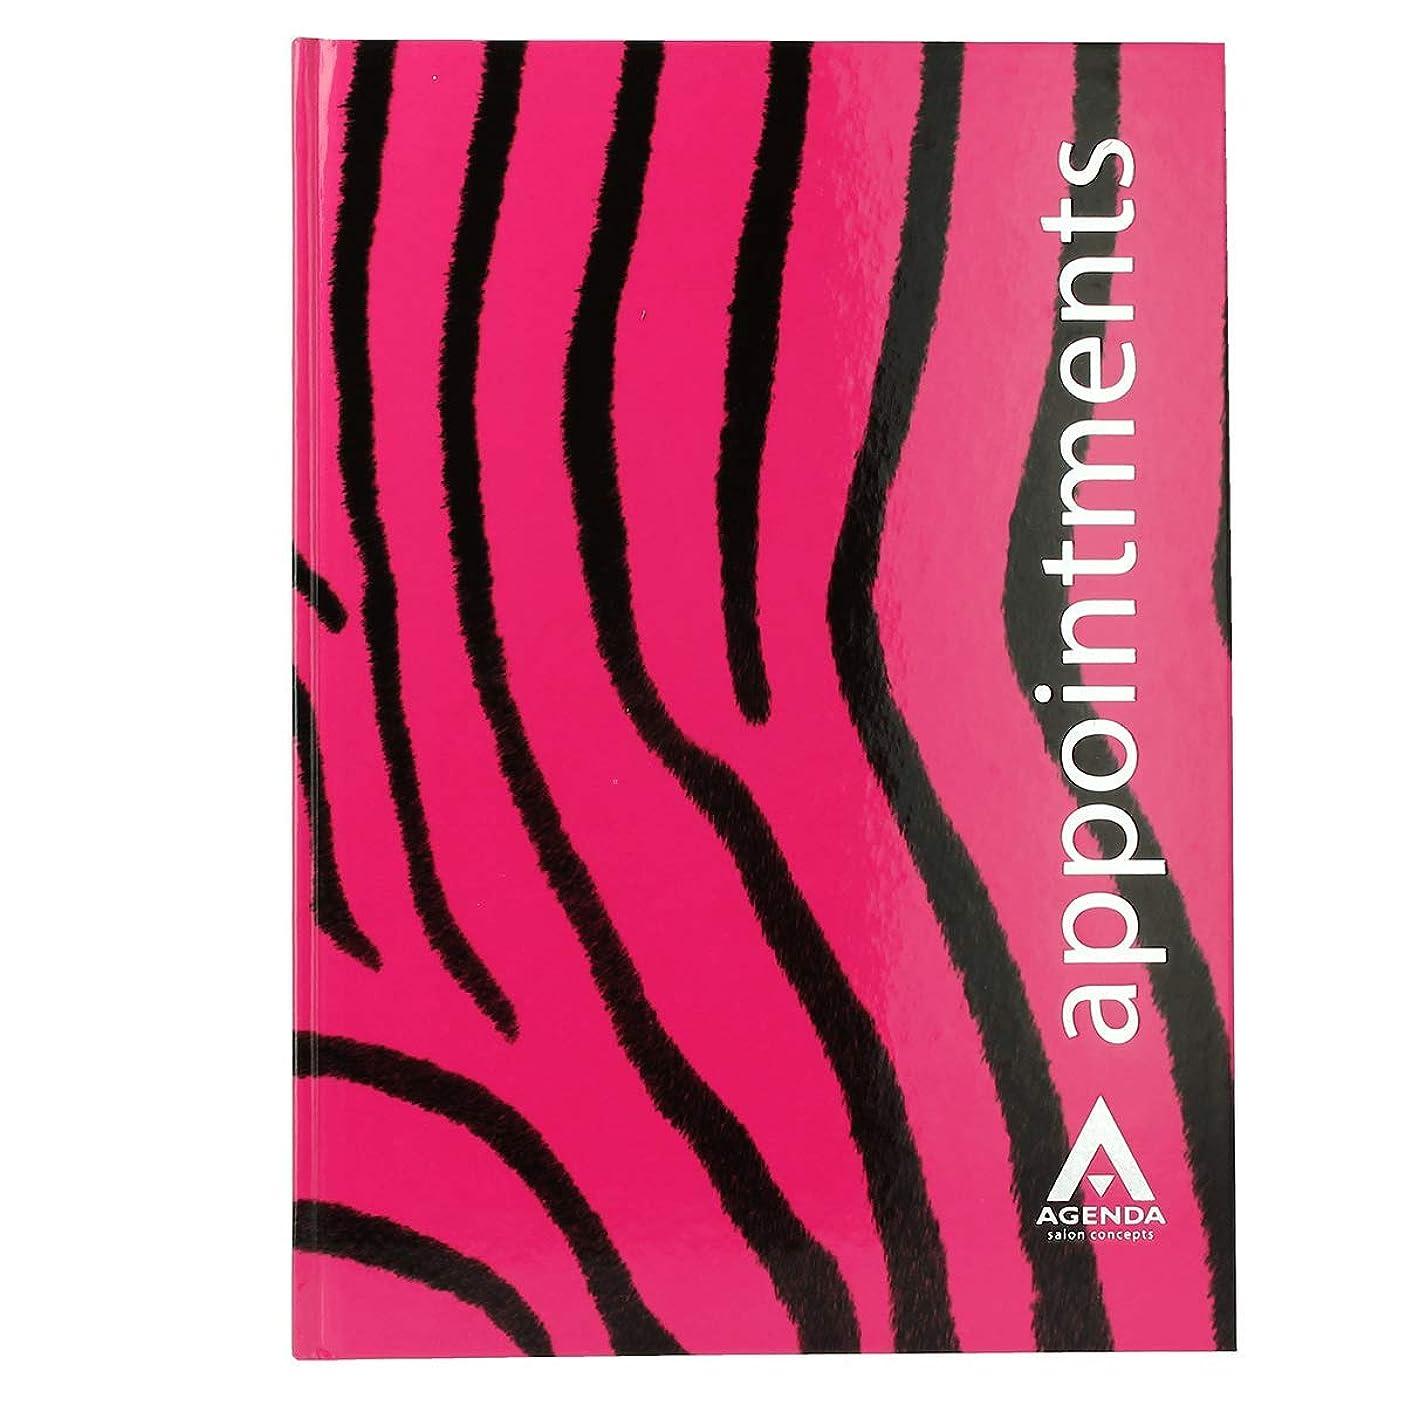 ウェイド劇作家経済アジェンダ サロンコンセプト 美容アポイントメントブック6アシスタントピンクゼブラ[海外直送品] [並行輸入品]